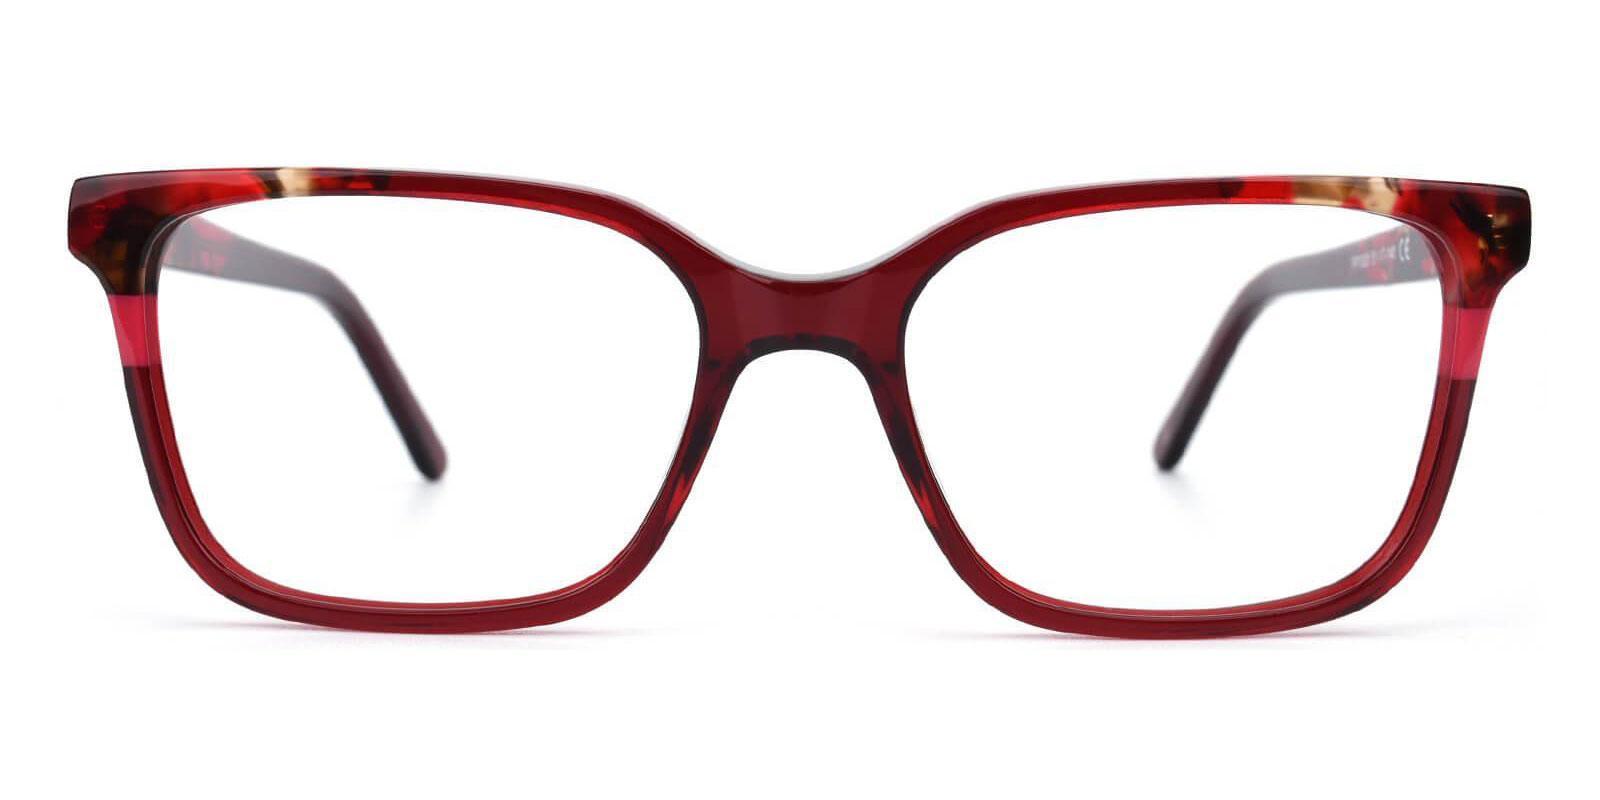 Mars Red Acetate Eyeglasses , UniversalBridgeFit Frames from ABBE Glasses